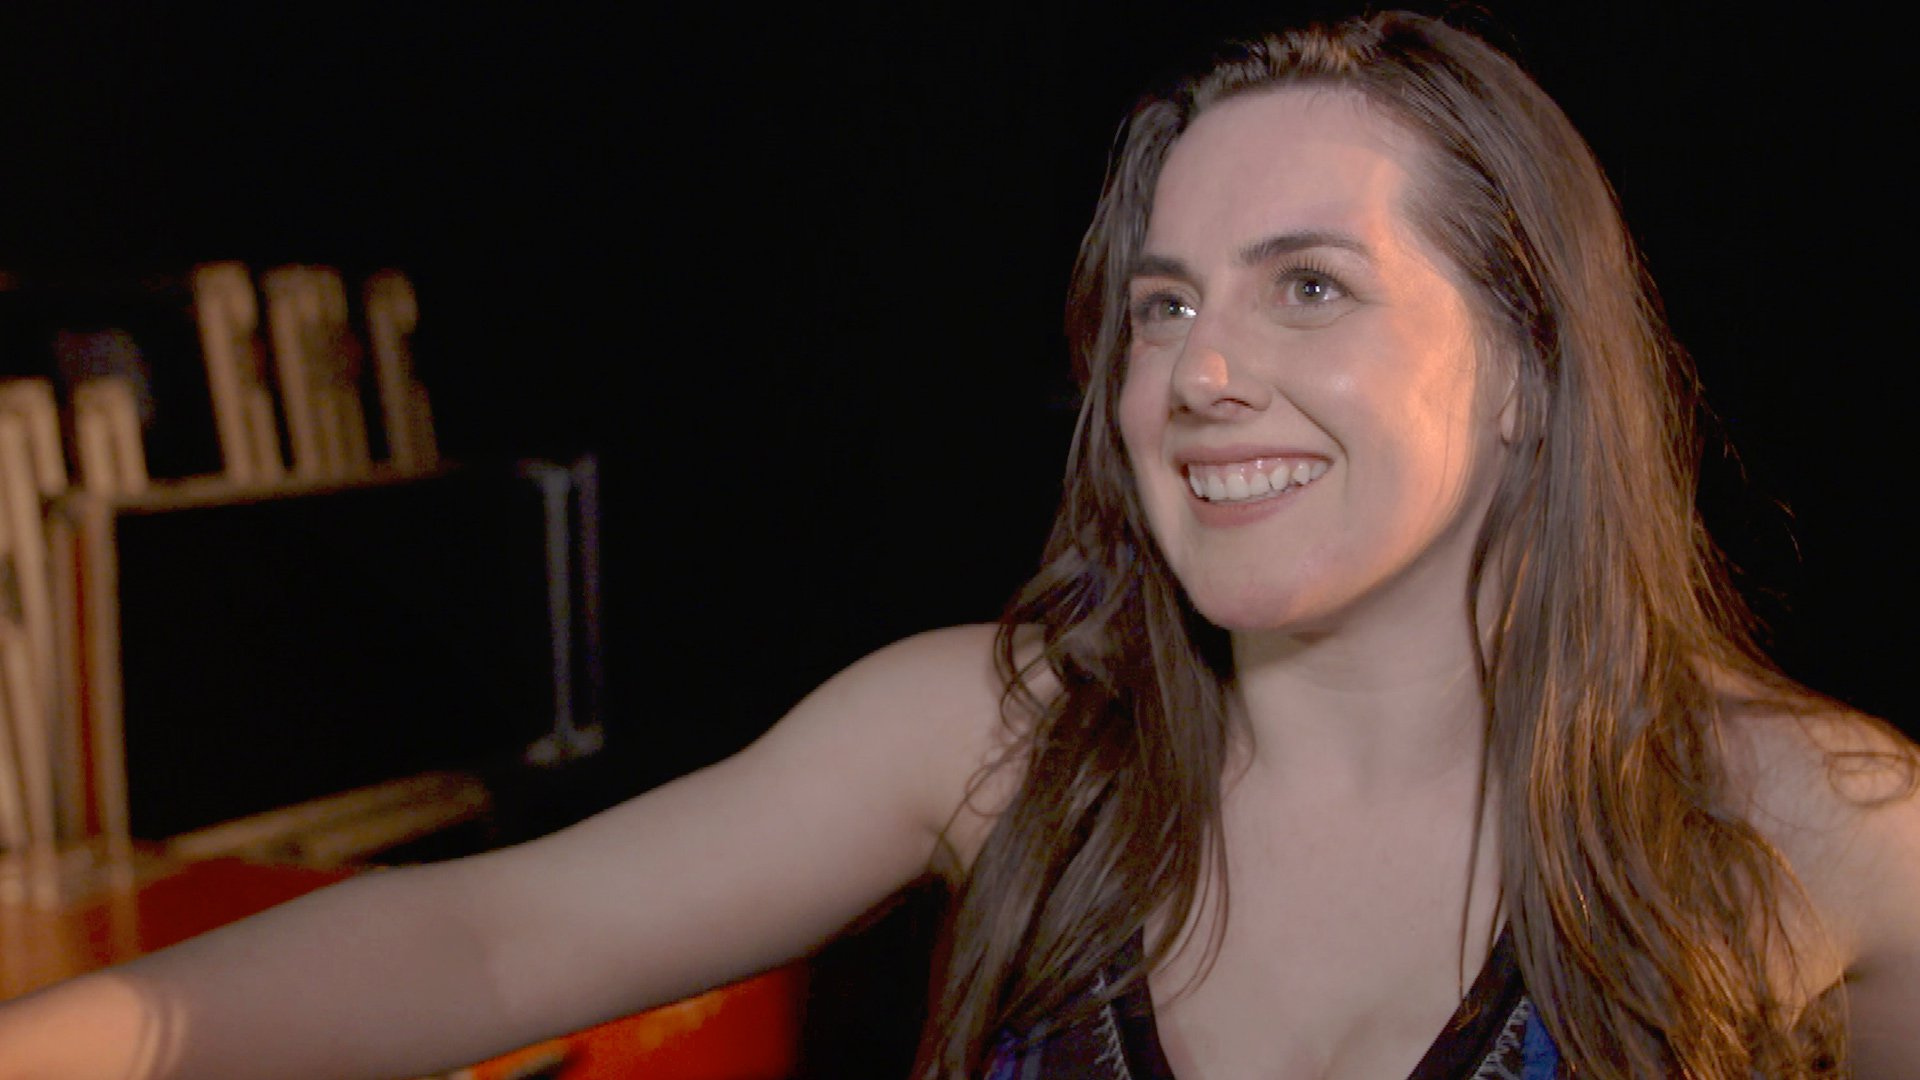 Nikki Cross parle de sa victoire pour Alexa Bliss: Exclusivité WWE.fr, 13 Mai 2019